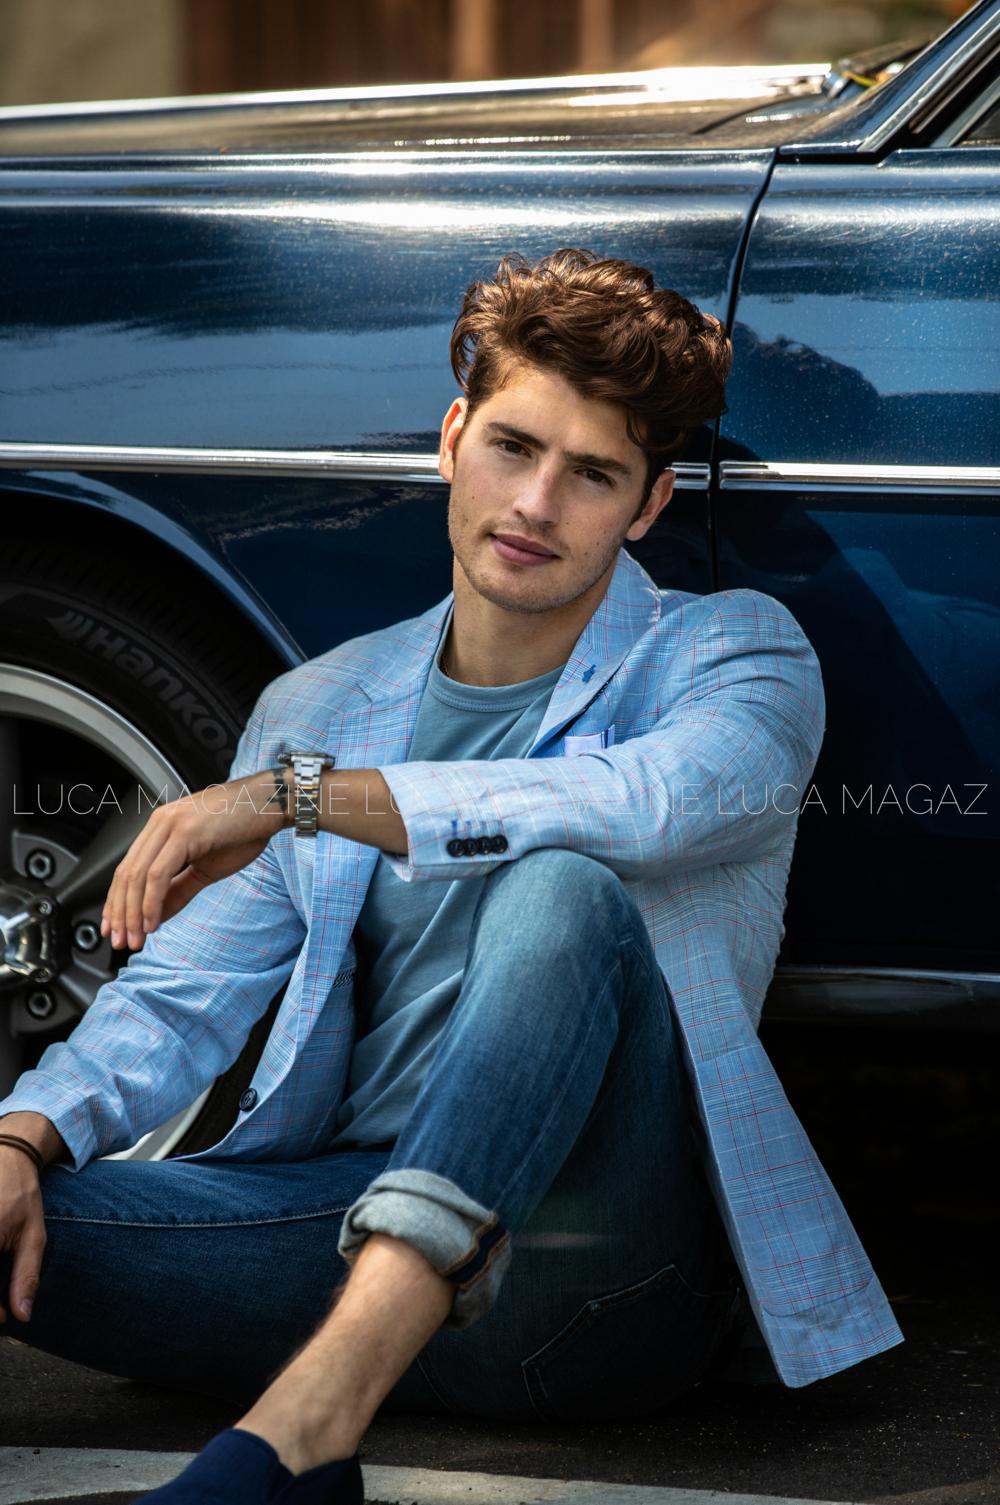 Luca Magazine Gregg Sulkin 2.png